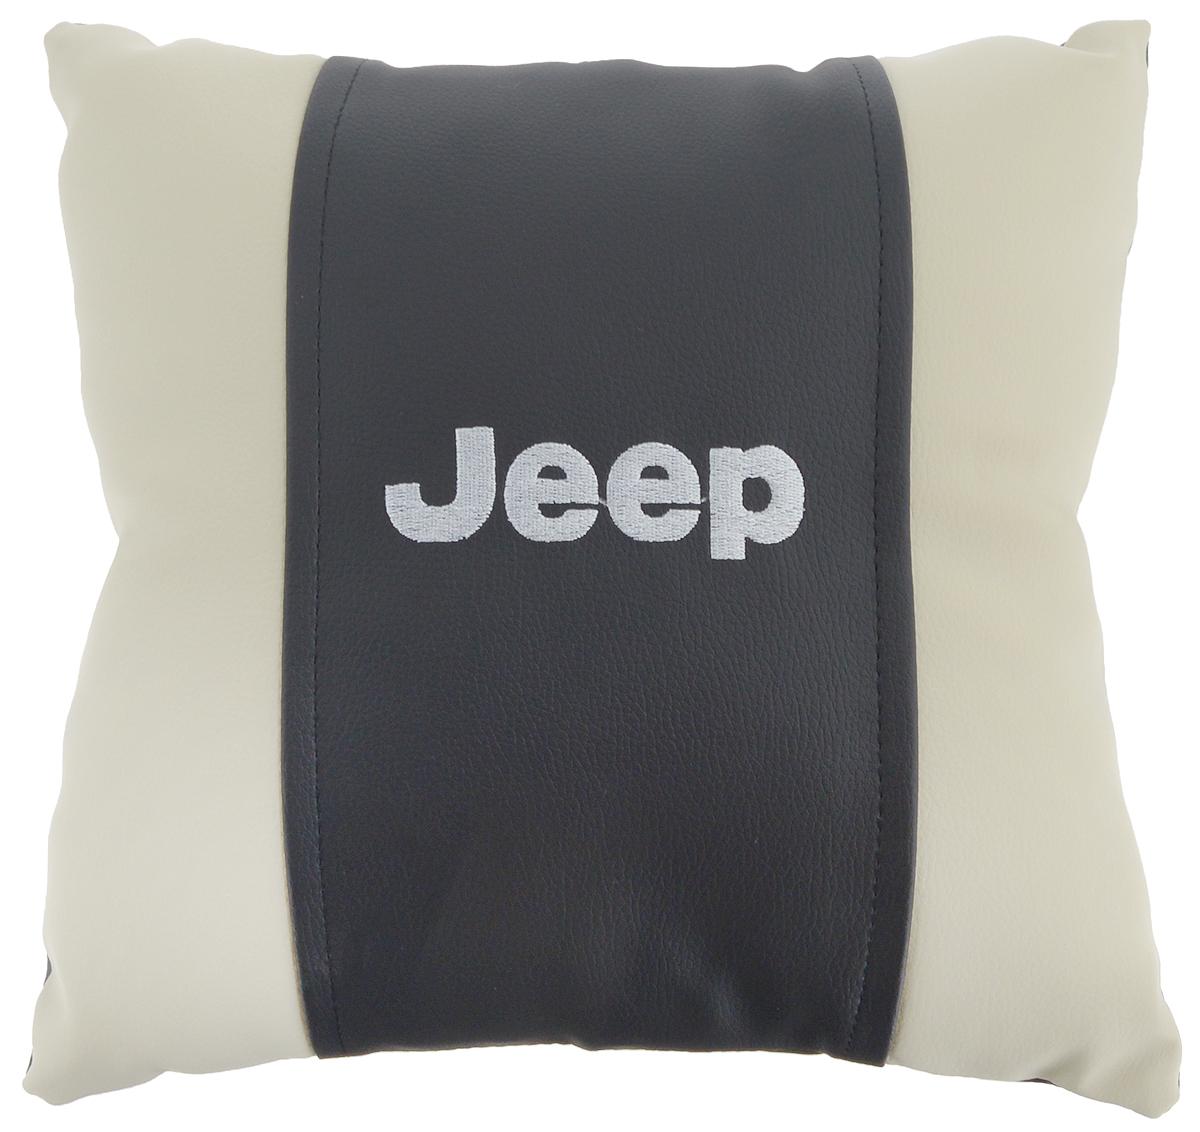 Подушка на сиденье Autoparts Jeep, 30 х 30 см2009M009RGBПодушка на сиденье Autoparts Jeep создана для тех, кто весь свой день вынужден проводить за рулем. Чехол выполнен из высококачественной дышащей экокожи. Наполнителем служит холлофайбер. На задней части подушки имеется змейка.Особенности подушки:- Хорошо проветривается.- Предупреждает потение.- Поддерживает комфортную температуру.- Обминается по форме тела.- Улучшает кровообращение.- Исключает затечные явления.- Предупреждает развитие заболеваний, связанных с сидячим образом жизни. Подушка также будет полезна и дома - при работе за компьютером, школьникам - при выполнении домашних работ, да и в любимом кресле перед телевизором.